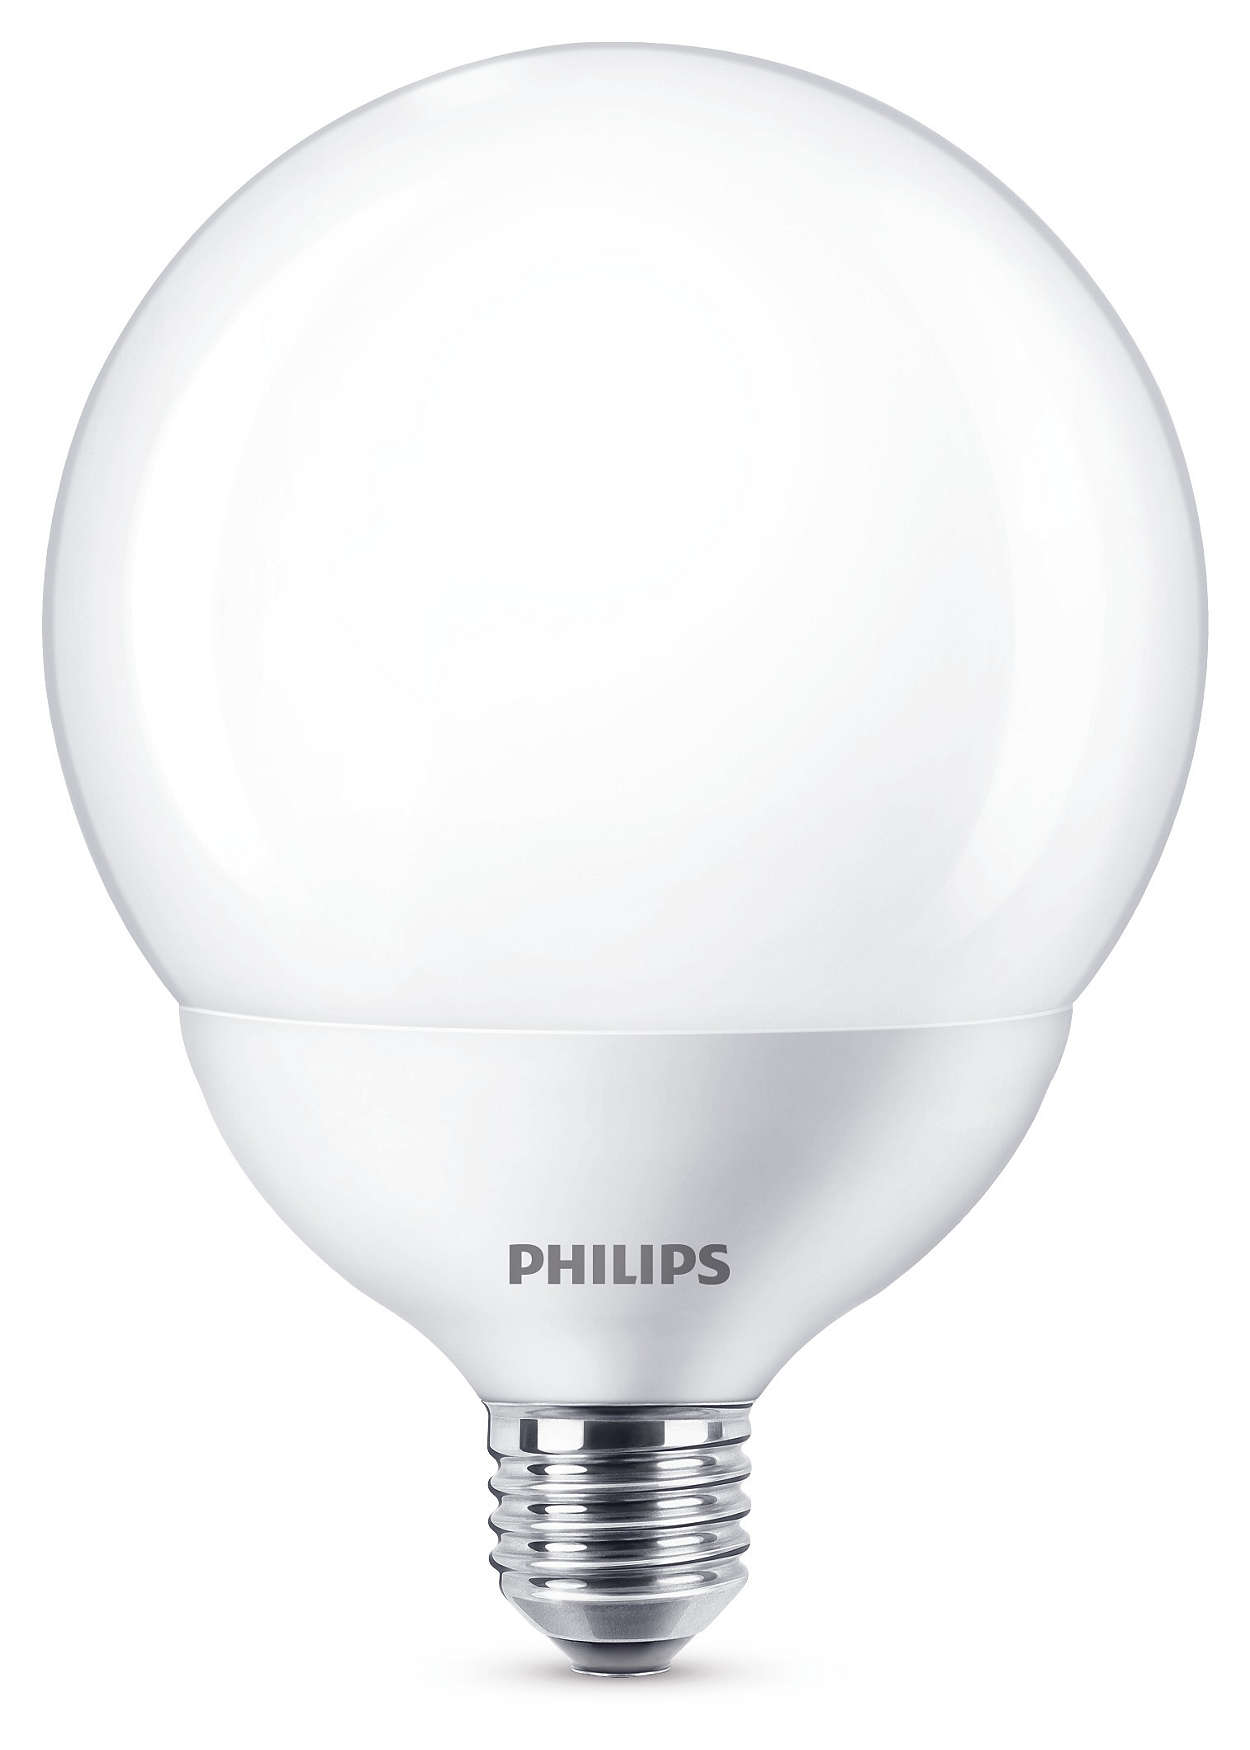 Warm wit licht zonder compromissen op lichtkwaliteit